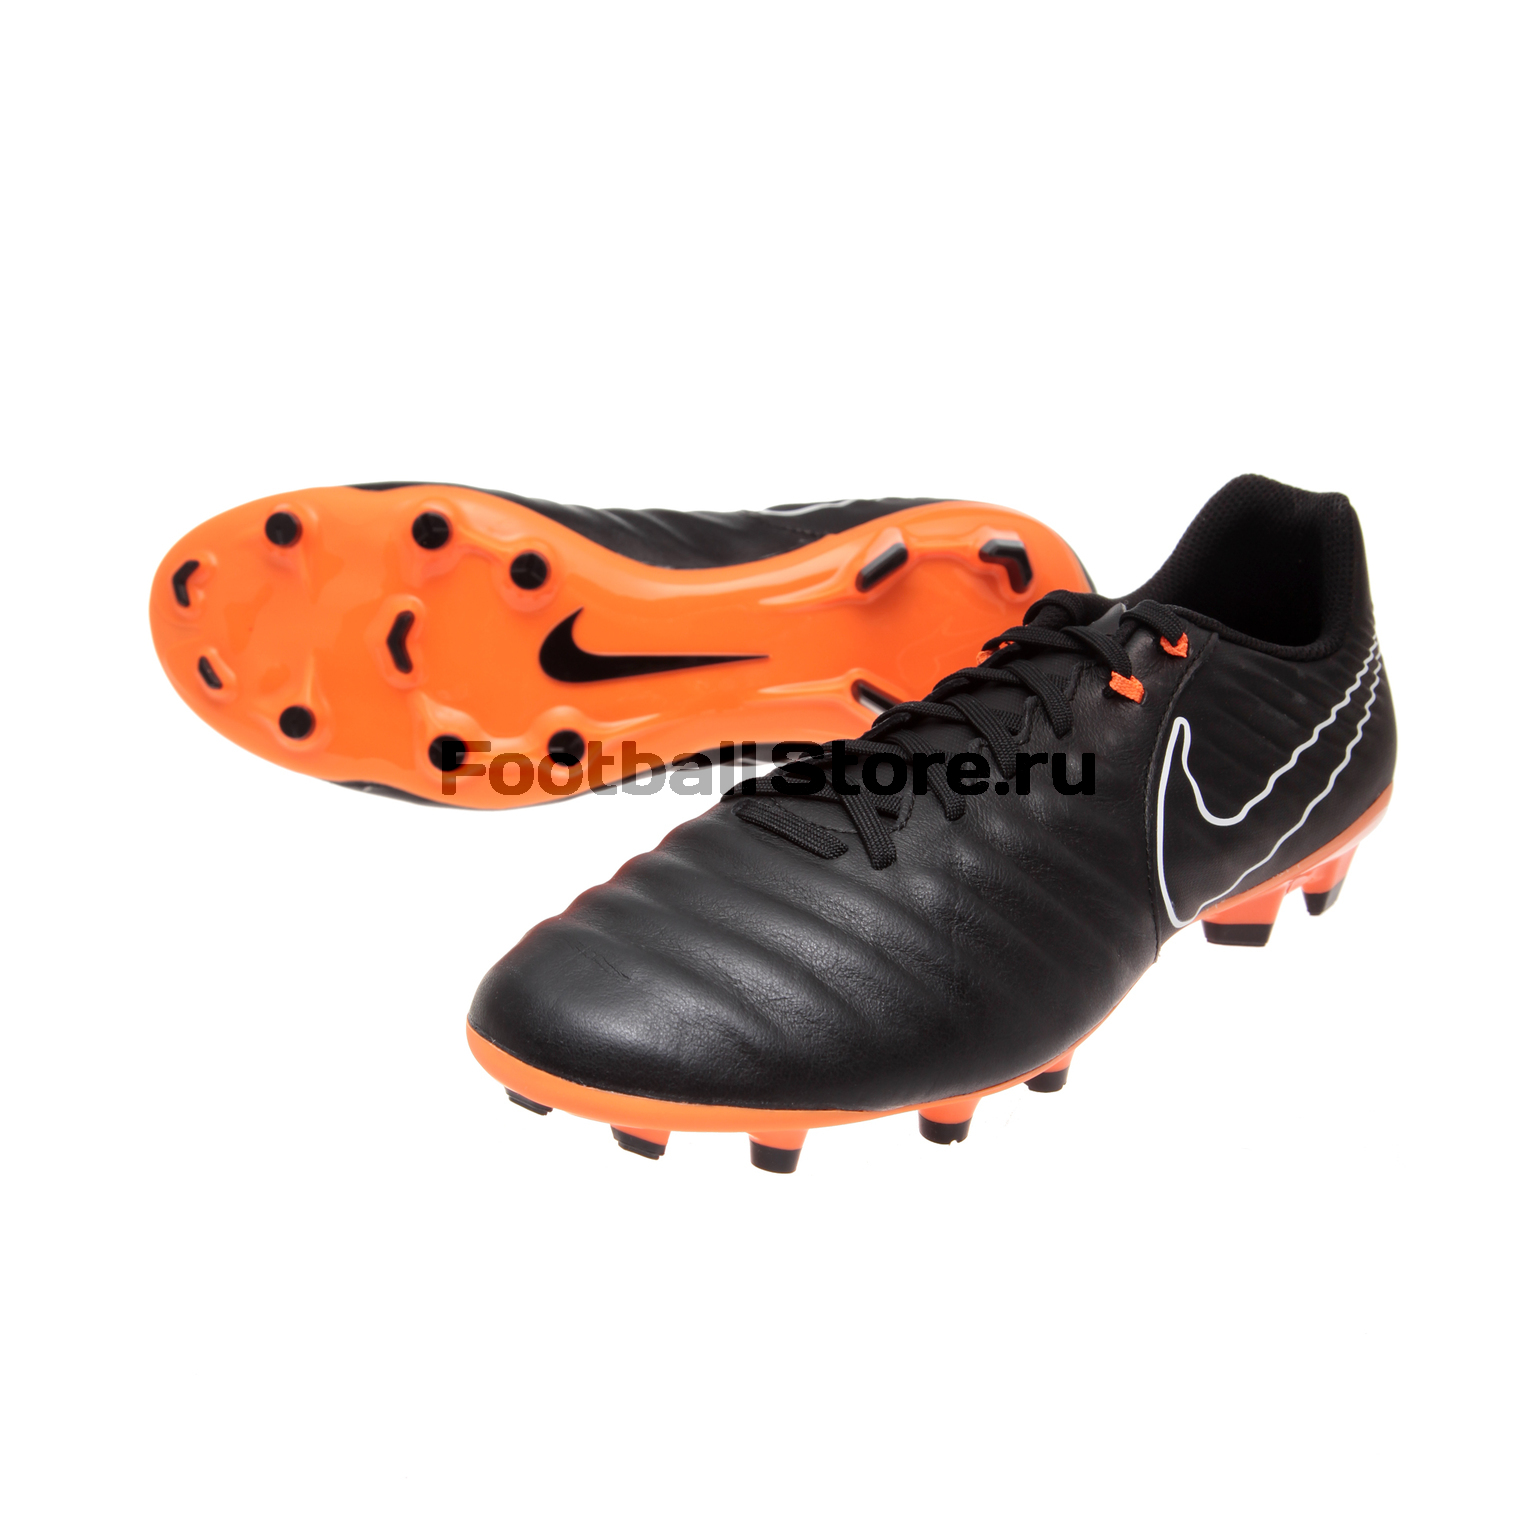 Бутсы Nike Legend 7 Academy FG AH7242-080 бутсы футбольные nike obra ii academy df fg ah7313 080 jr детские т сер оранж